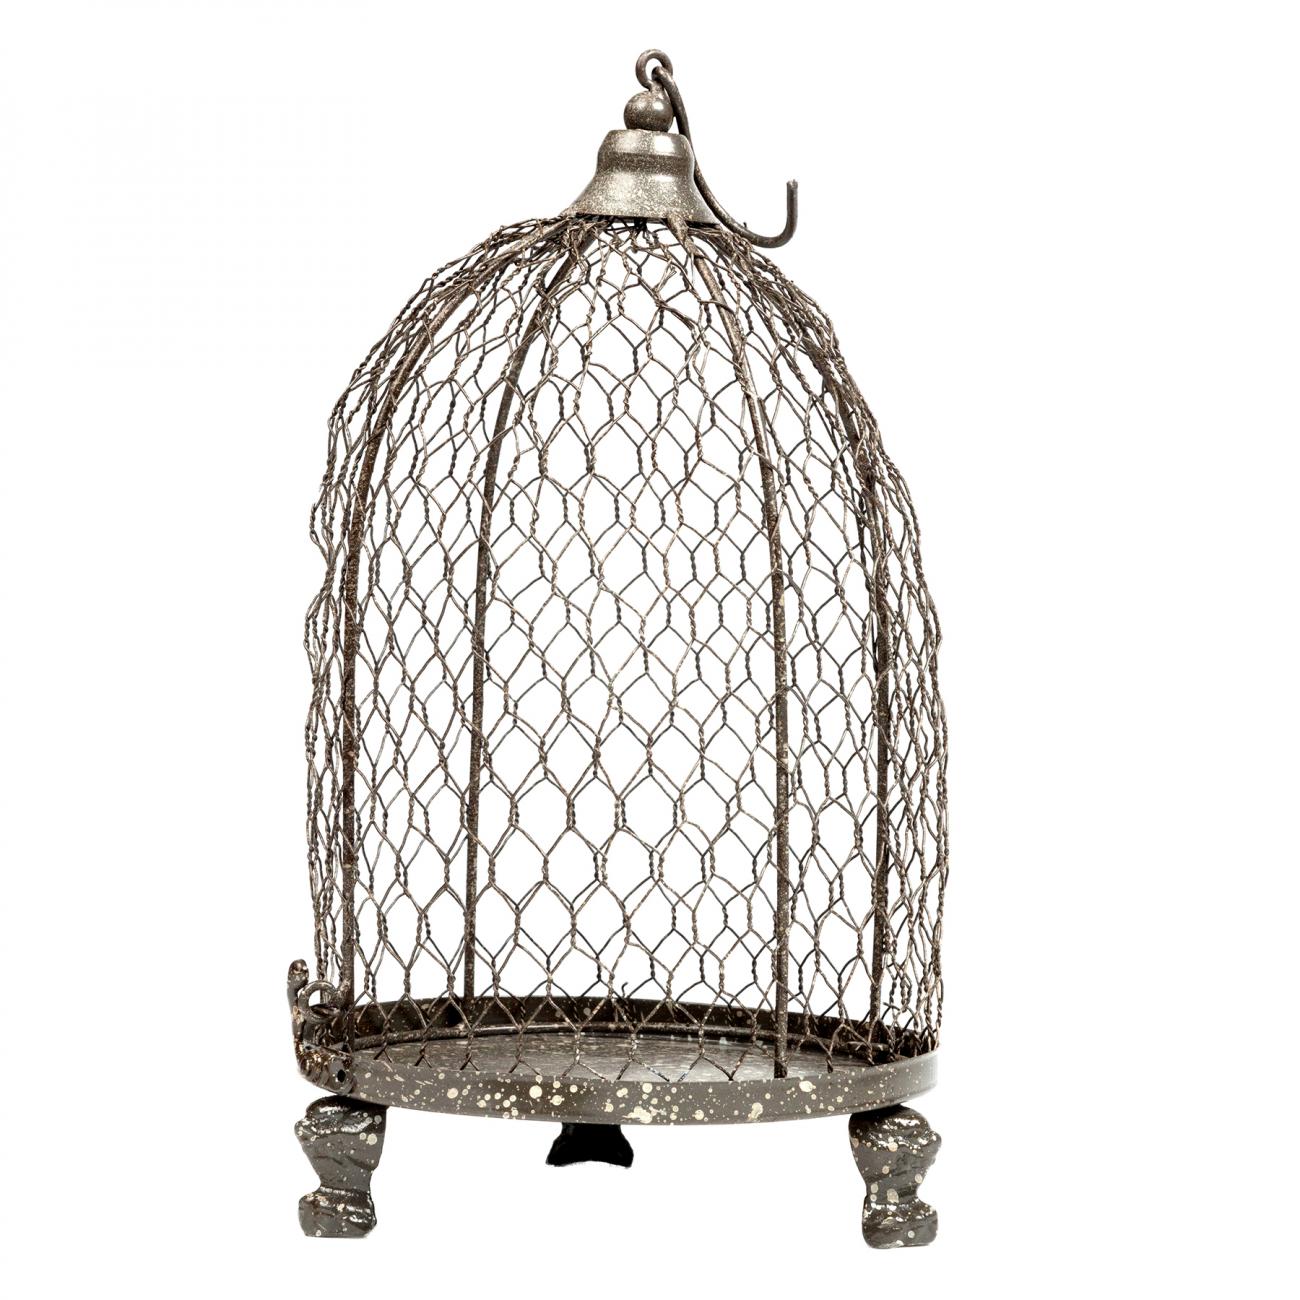 Купить Декоративная клетка-подсвечник Bonadi Большая в интернет магазине дизайнерской мебели и аксессуаров для дома и дачи